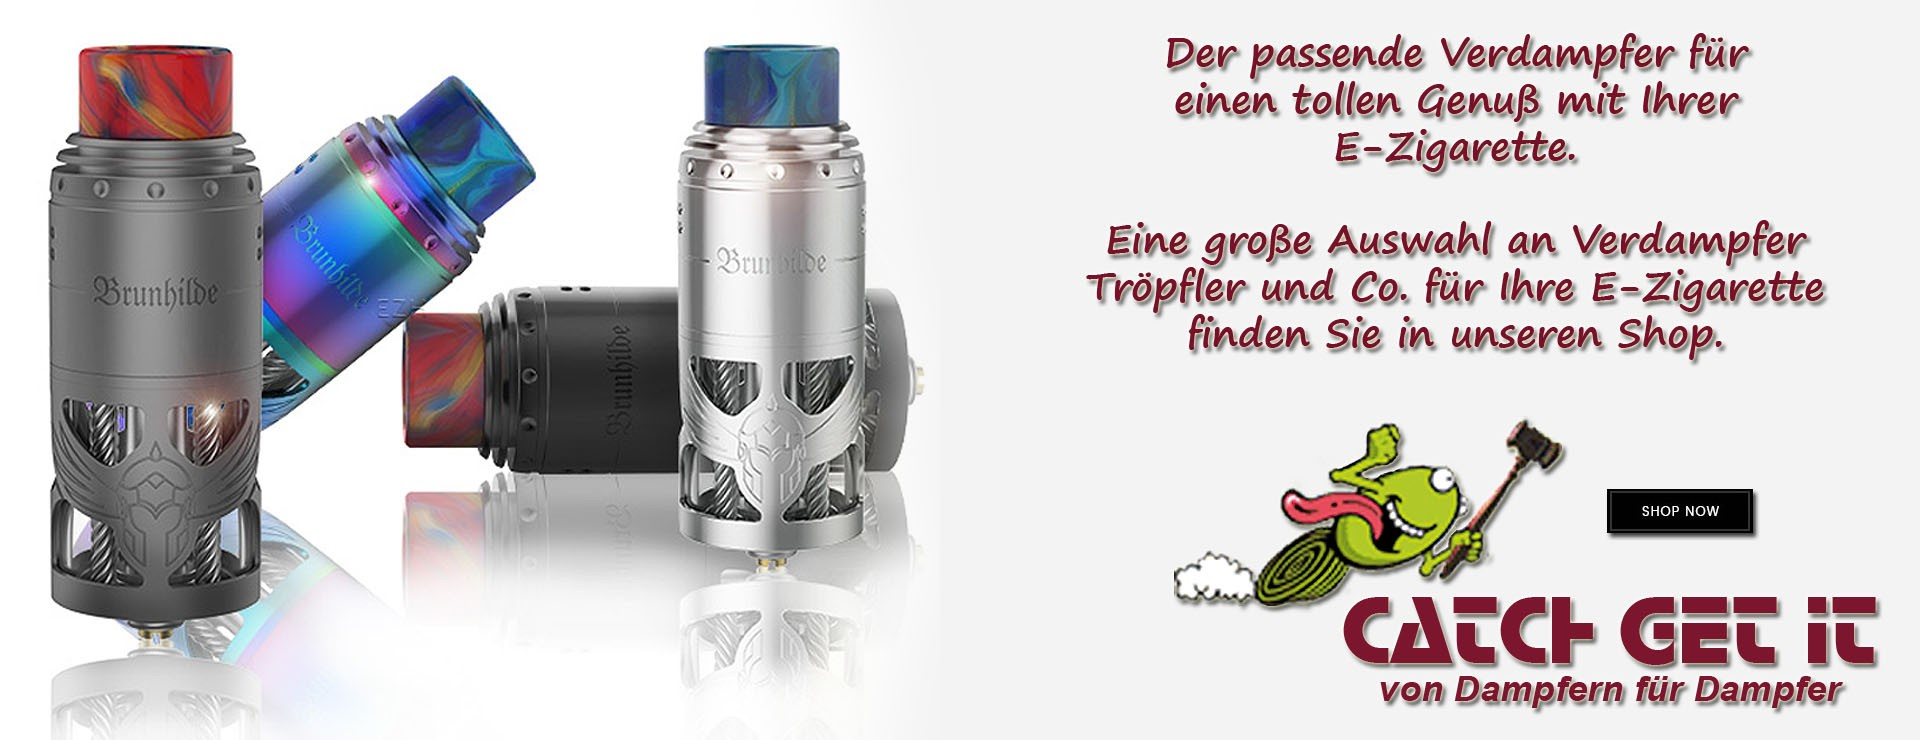 Catch Get It - von Dampfern für Dampfer - Unser Sortiment für die e-Zigarette - Verdampfer und Tröpfler